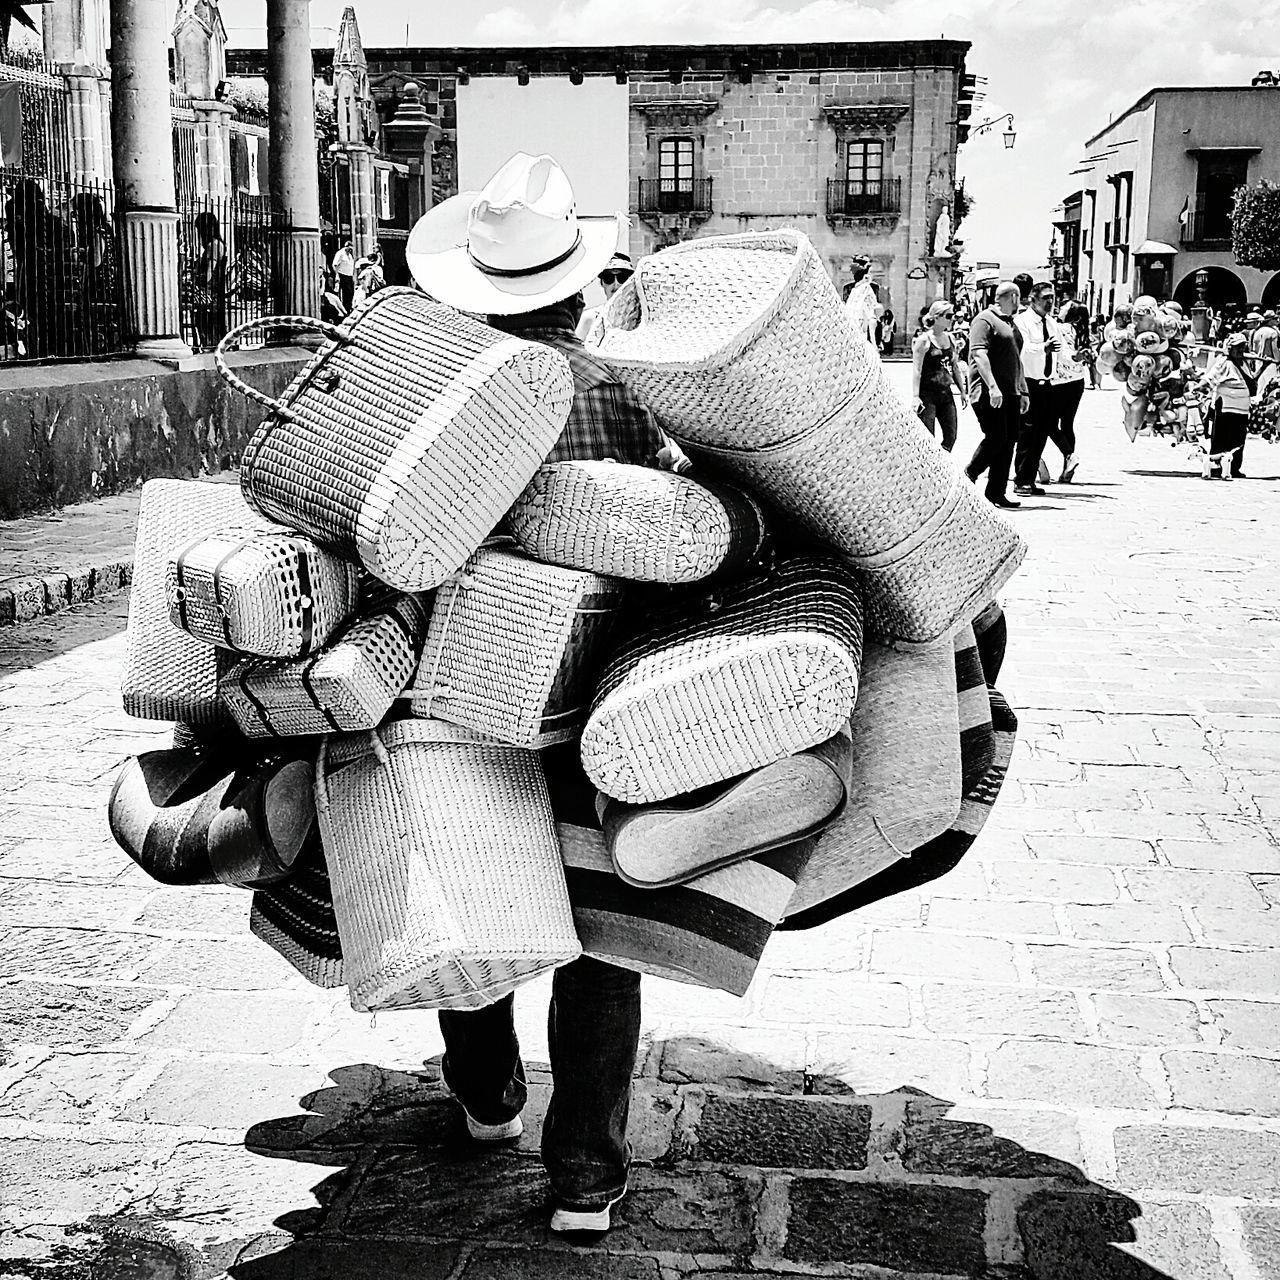 Mexican Culture San Miguel De Allende Mexico EyeEm ¡Viva México! Vendedor Ambulante Bagsforsale Streetphotography